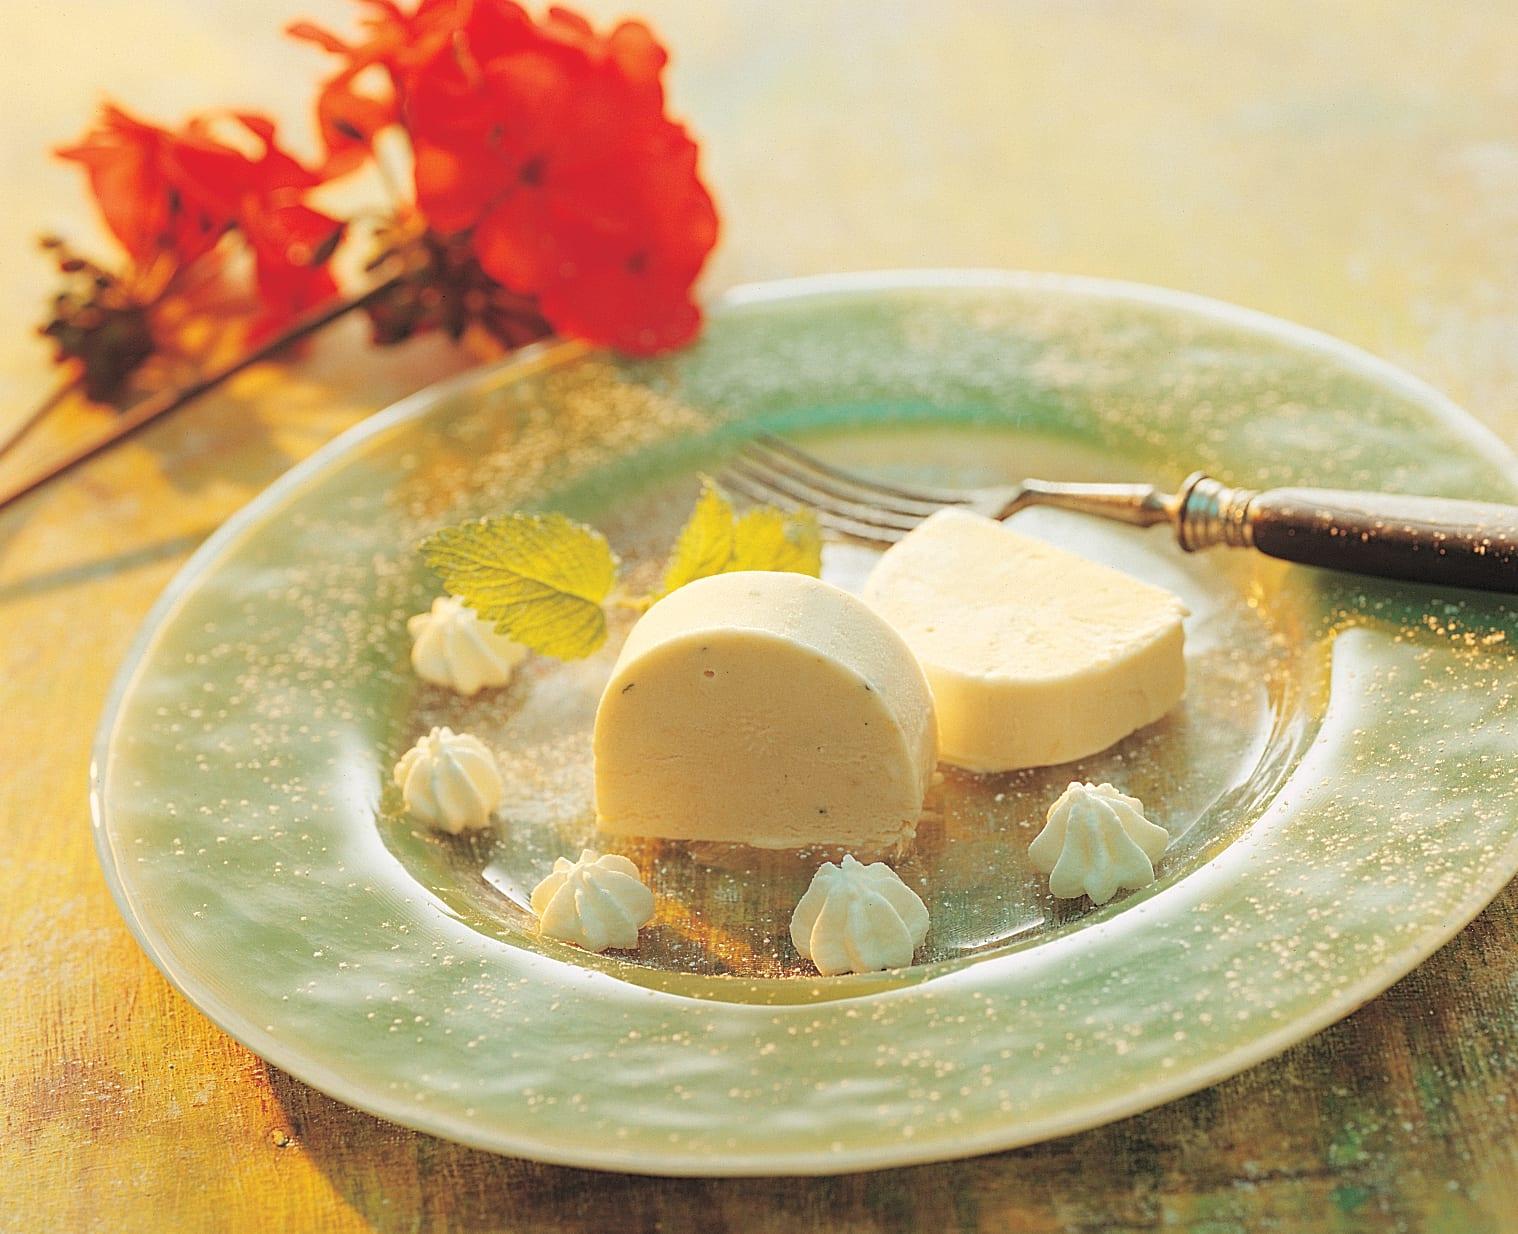 Rhabarber-Parfait mit Zitronenmelisse